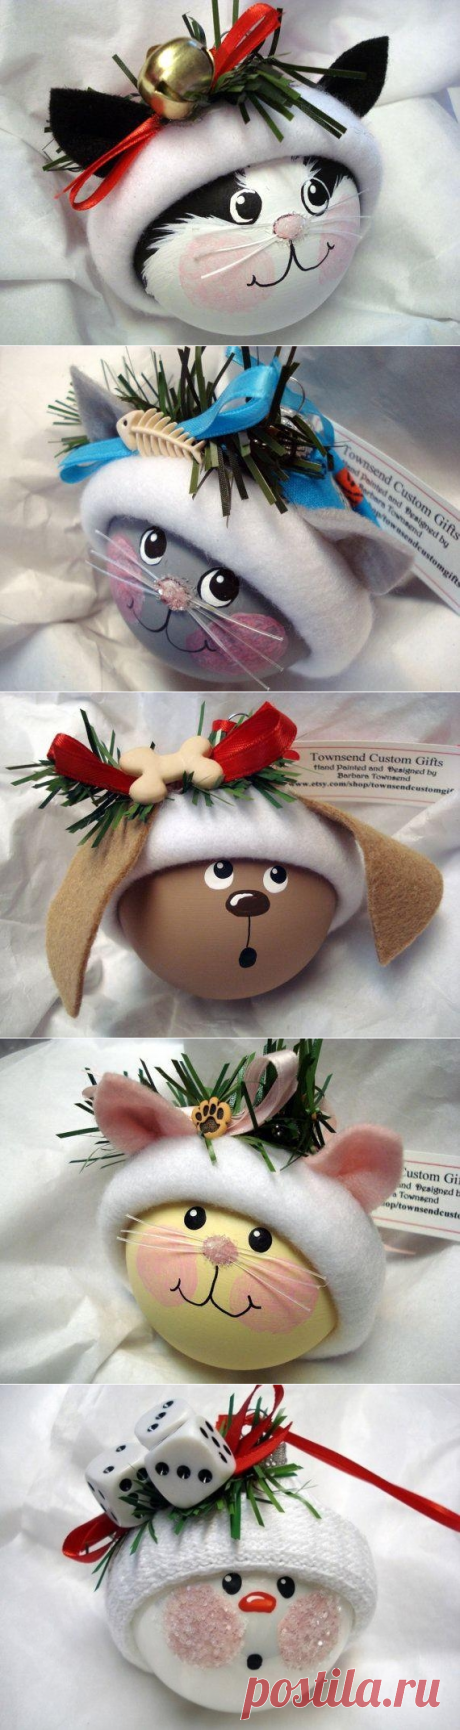 Замечательные идеи как расписать новогодние шарики:)